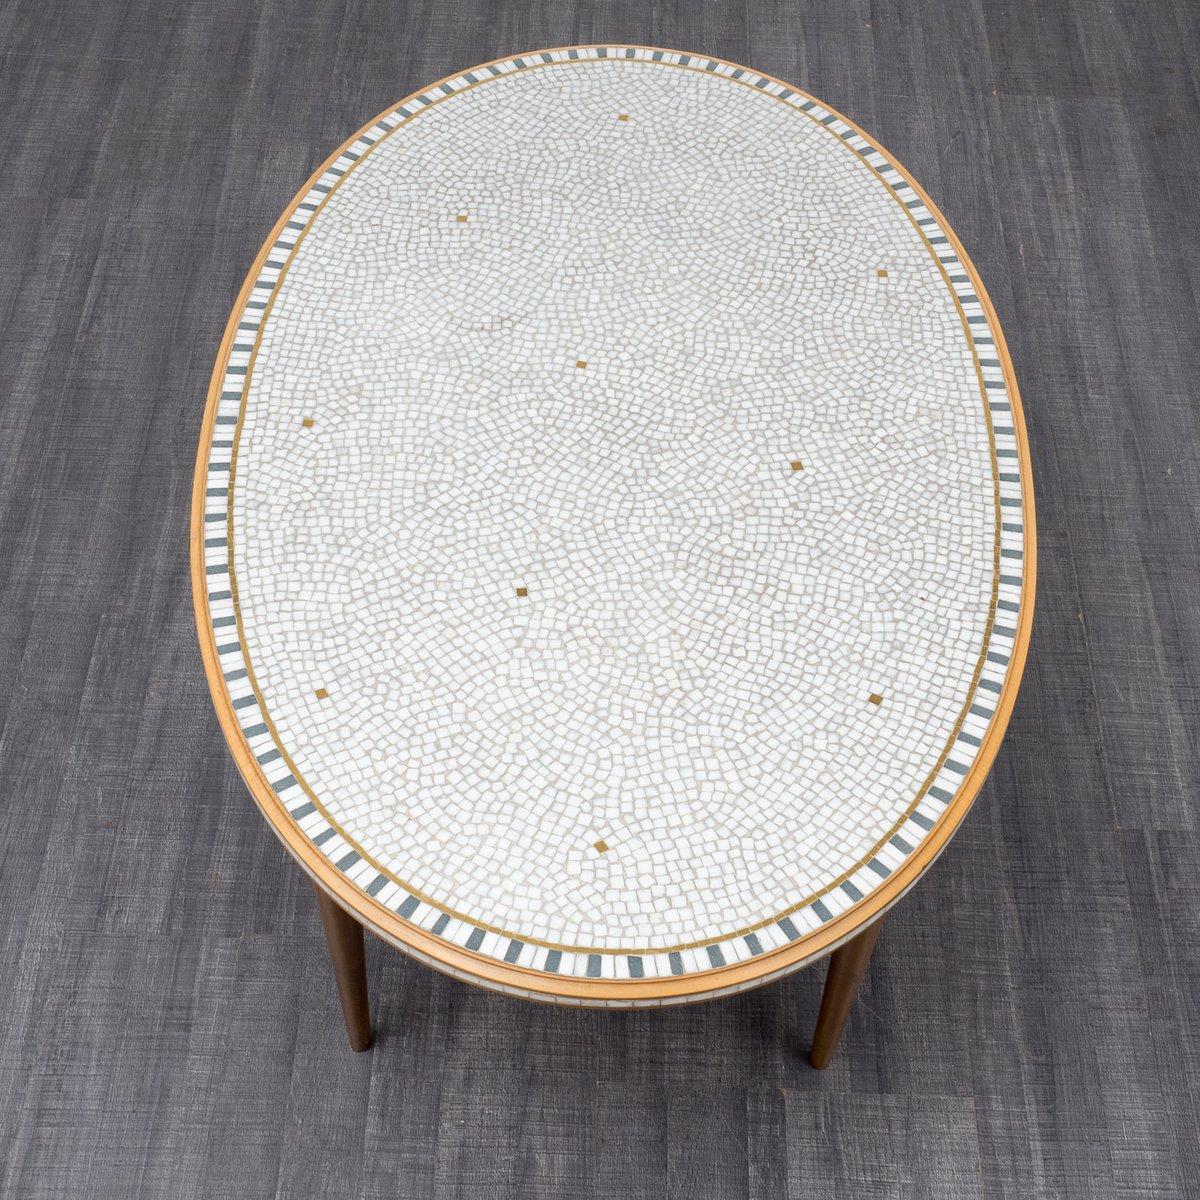 Ovaler Mosaik Couchtisch, 1950er bei Pamono kaufen